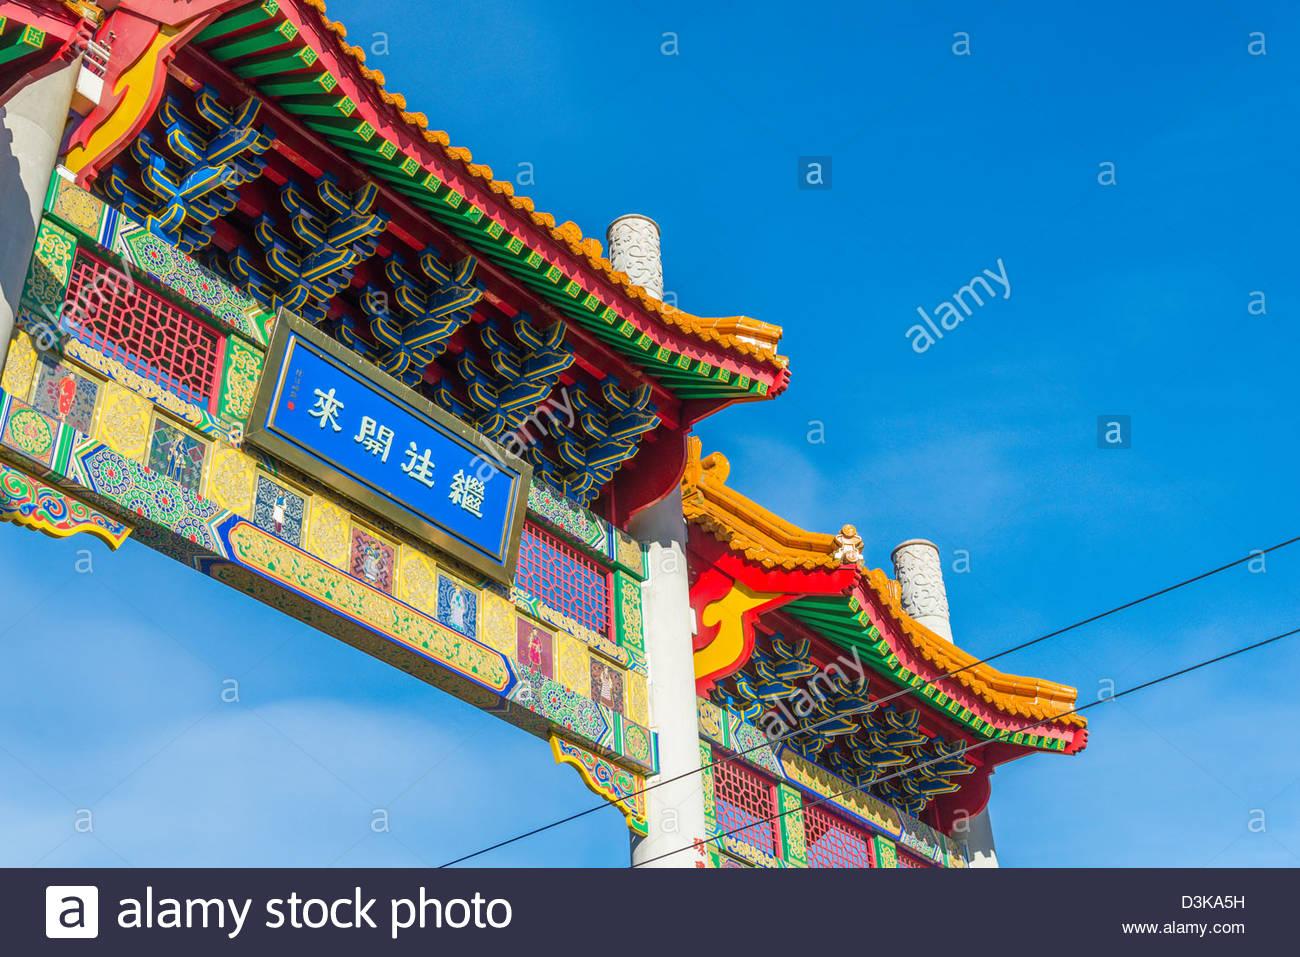 Les objectifs du Millénaire pour Chinatown Gate, West Pender Street, Vancouver, British Columbia, Canada Photo Stock